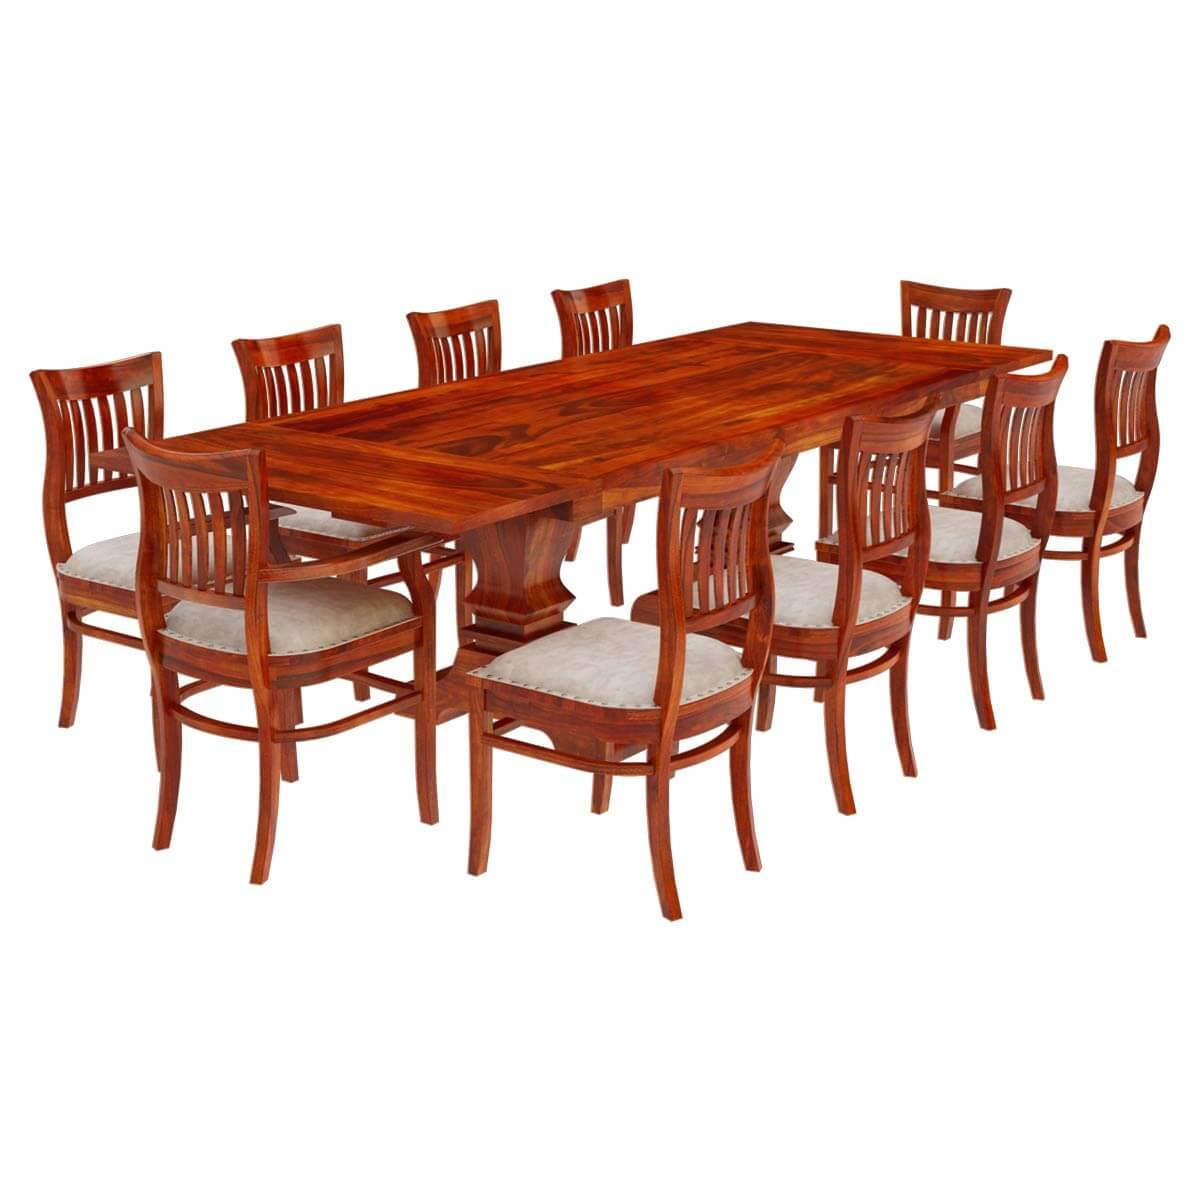 12 Piece Dining Room Set